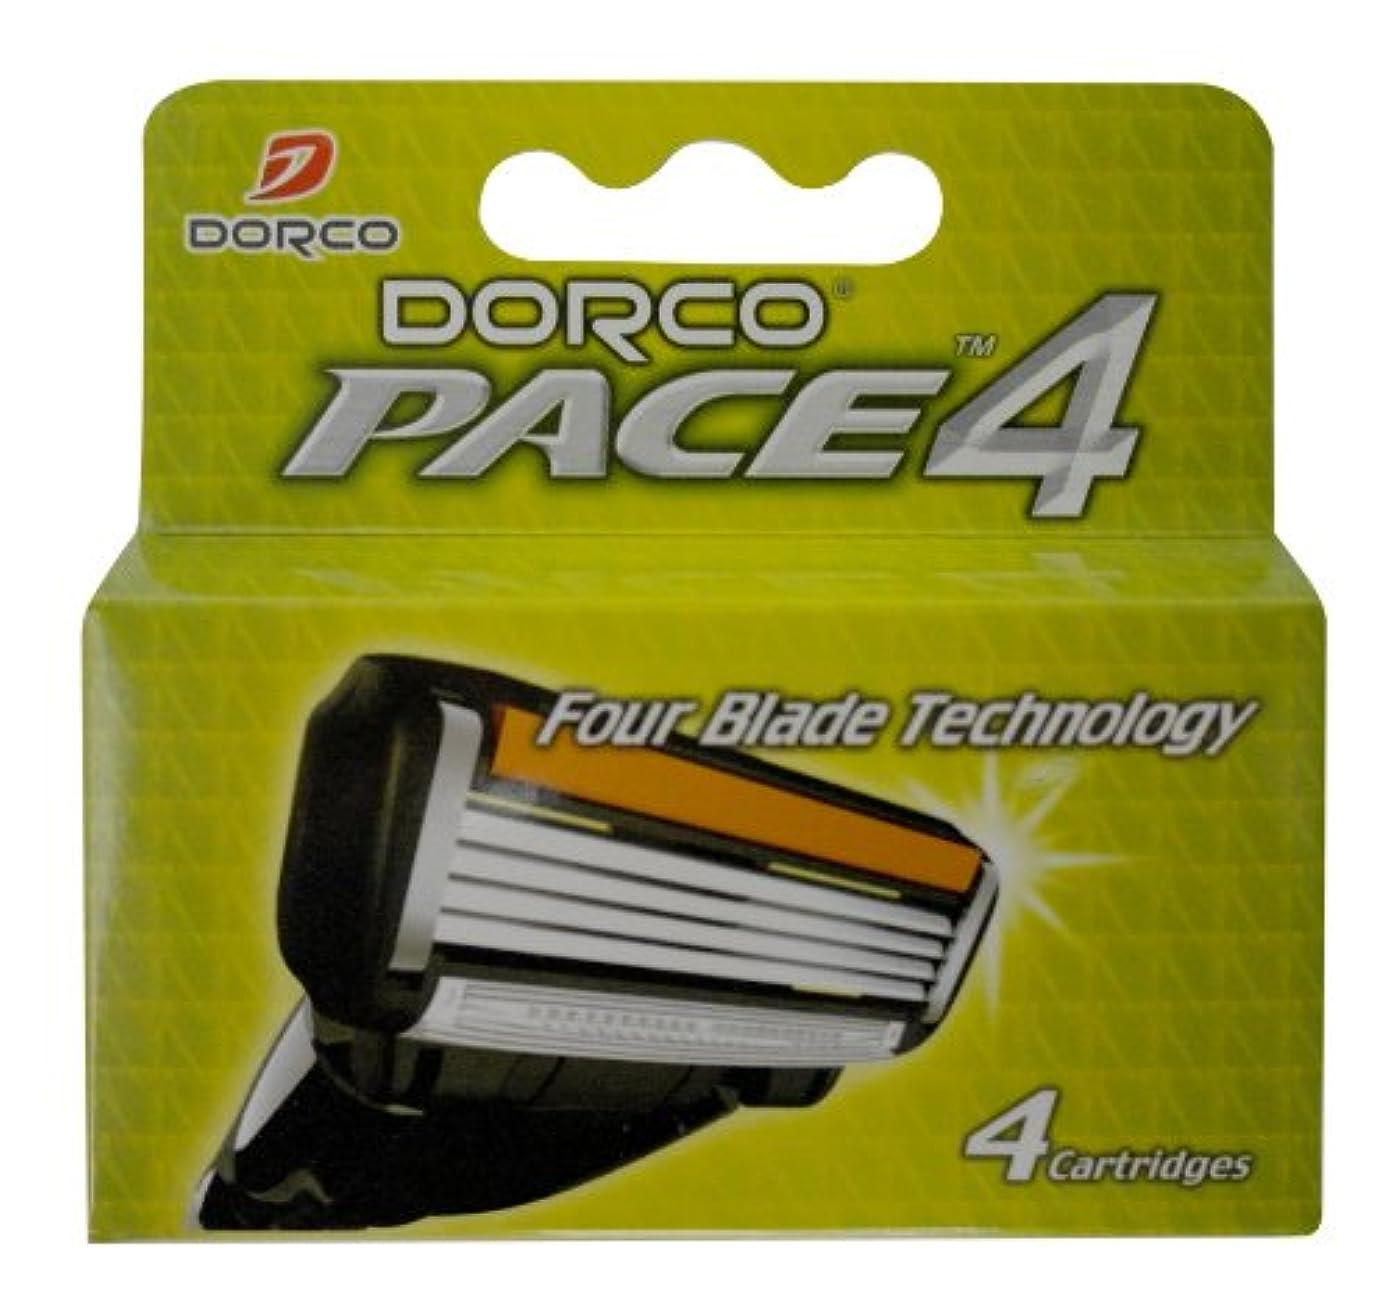 気味の悪い細菌そっとDORCO ドルコ PACE4 男性用替刃式 カミソリ4枚刃 替え刃